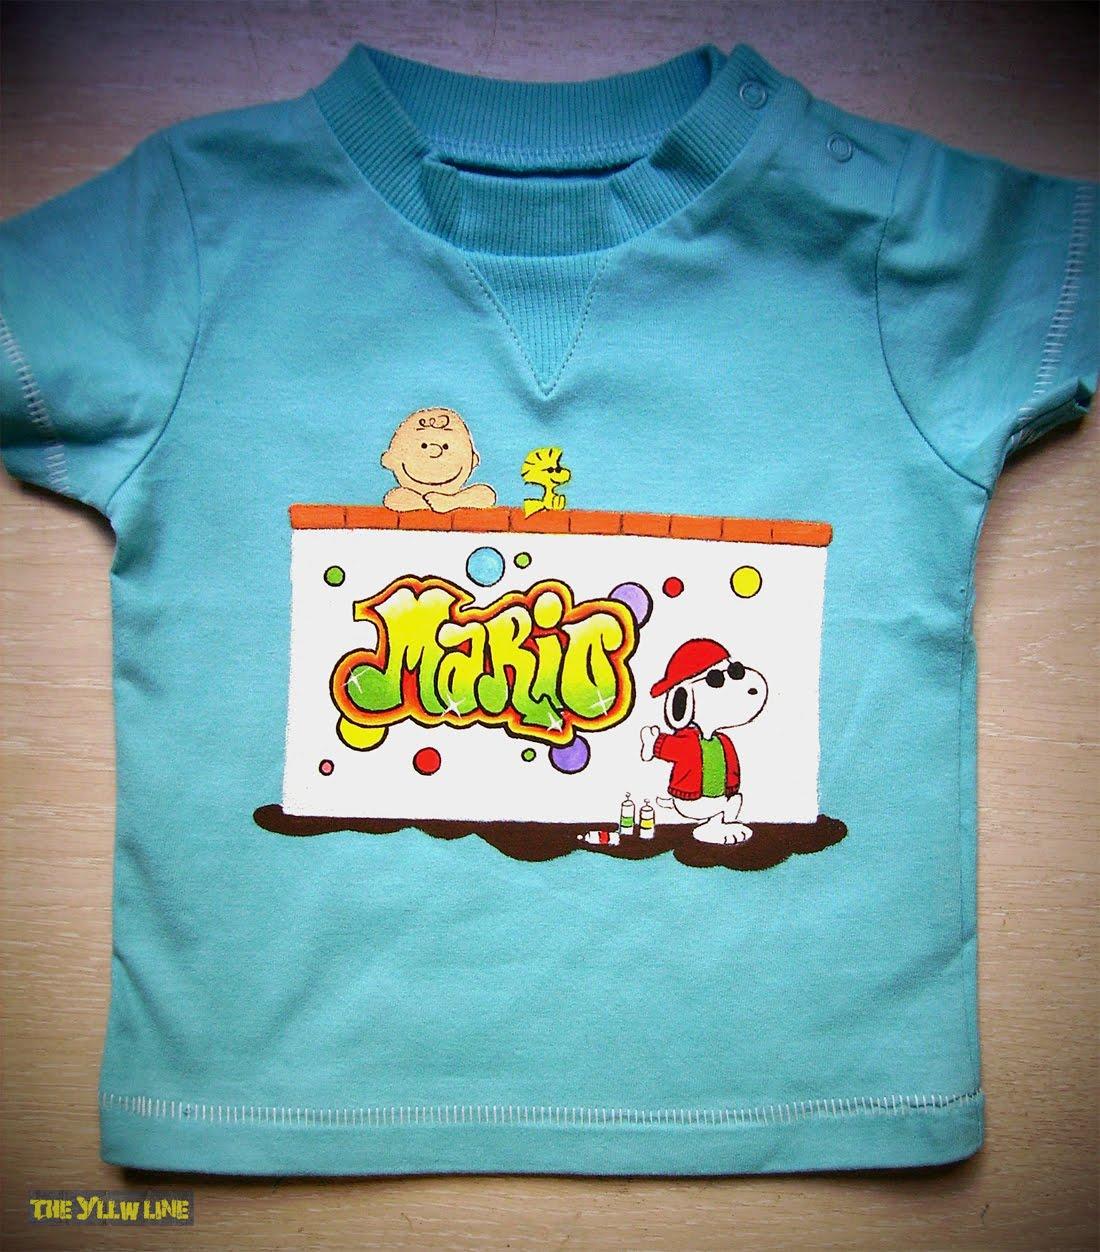 The yllw line camiseta pintada a mano snoopy graffitero for Graffitis para ninos